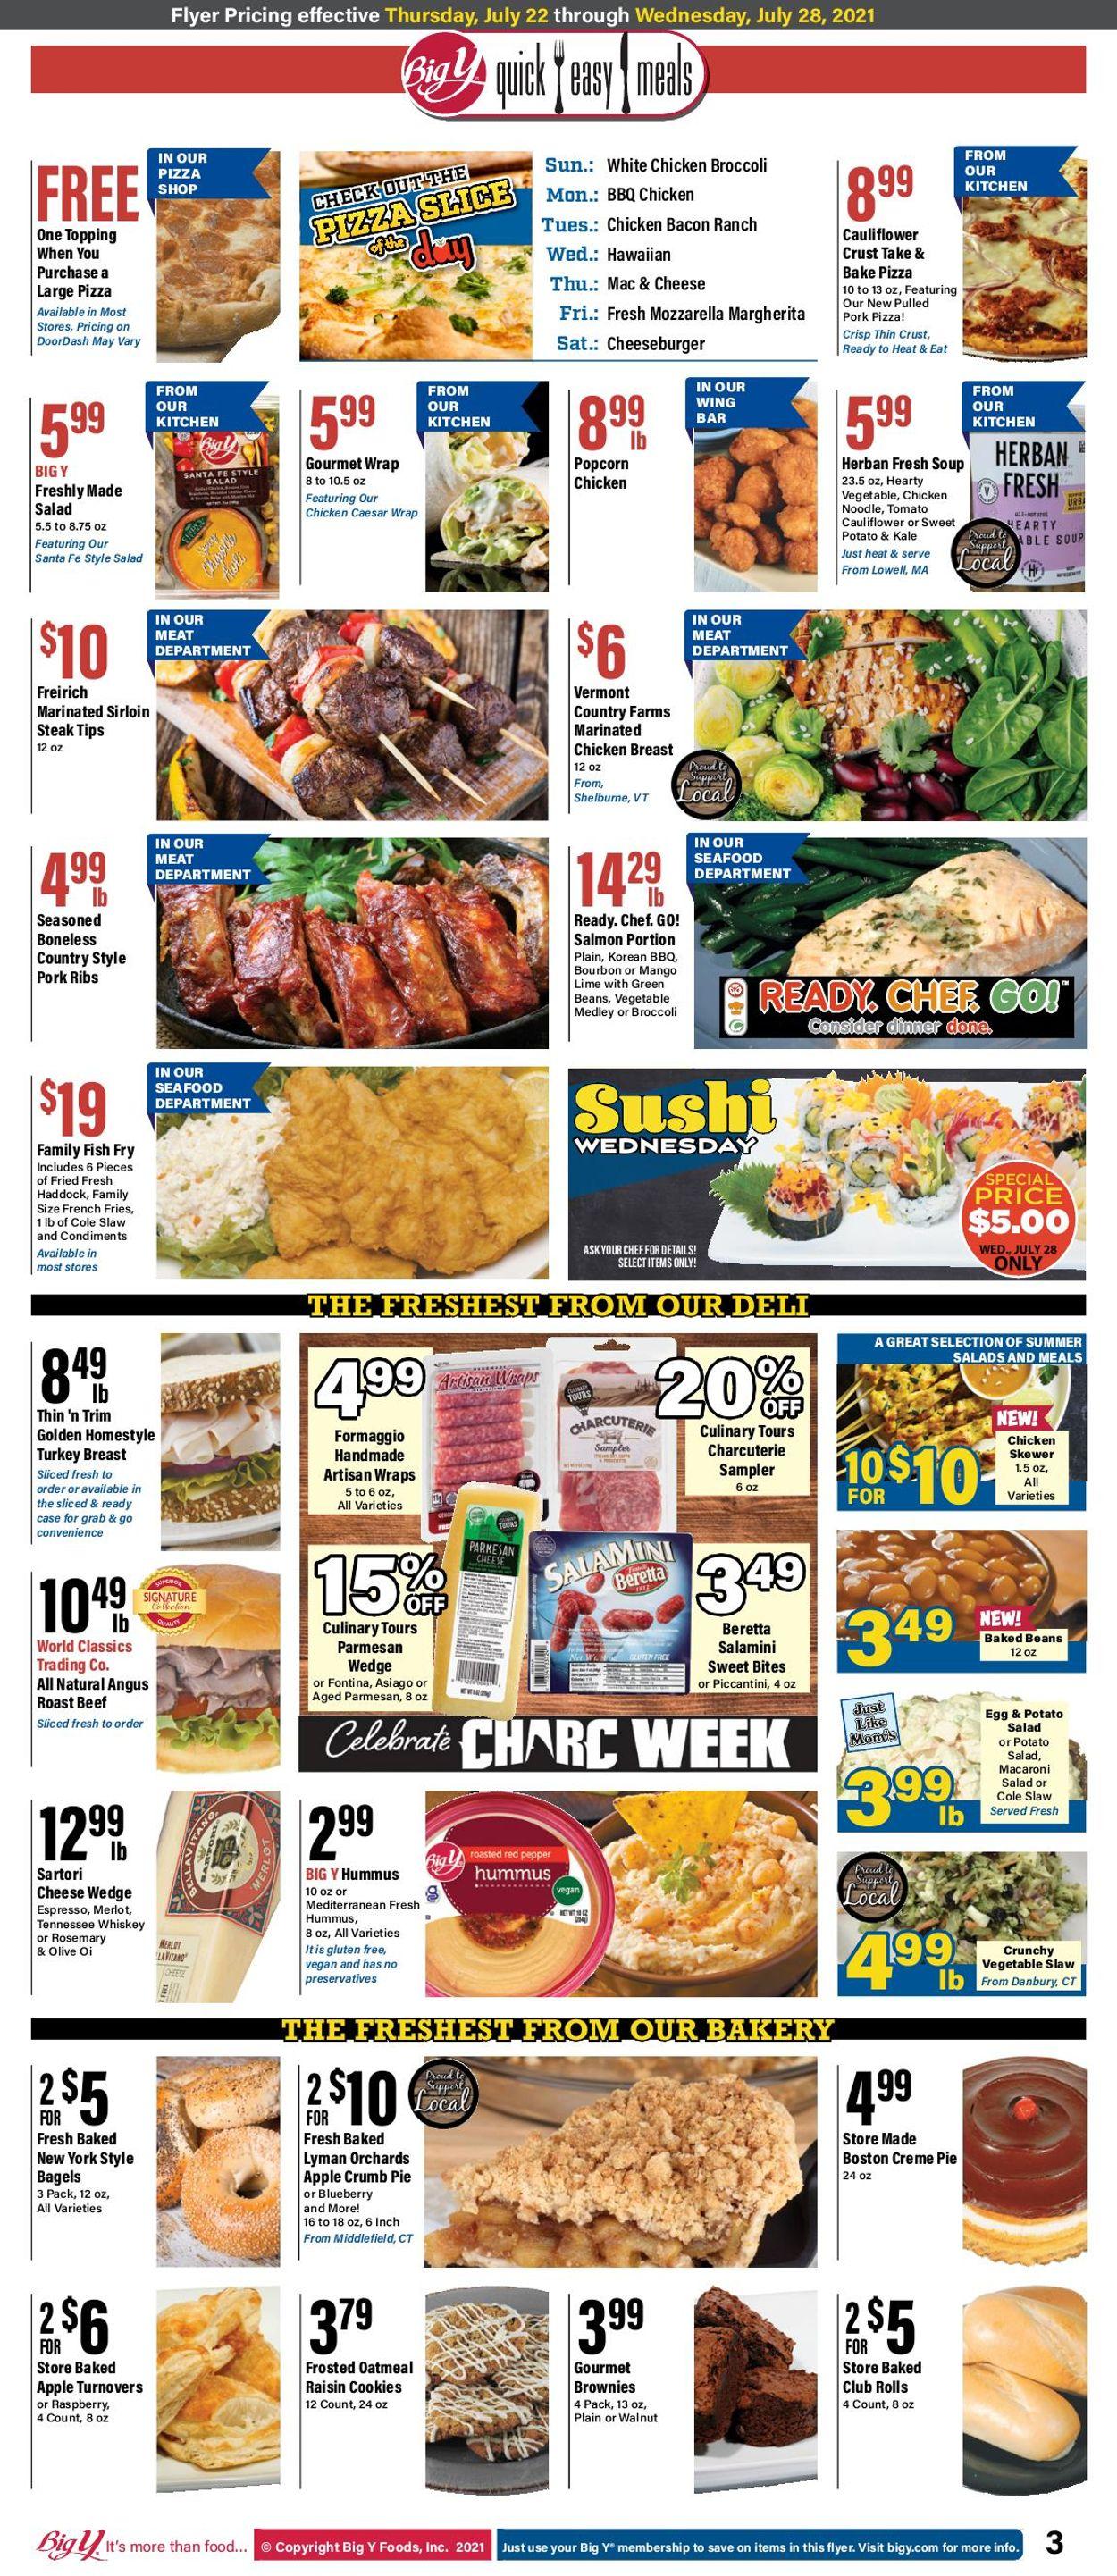 Big Y Weekly Ad Circular - valid 07/22-07/28/2021 (Page 3)